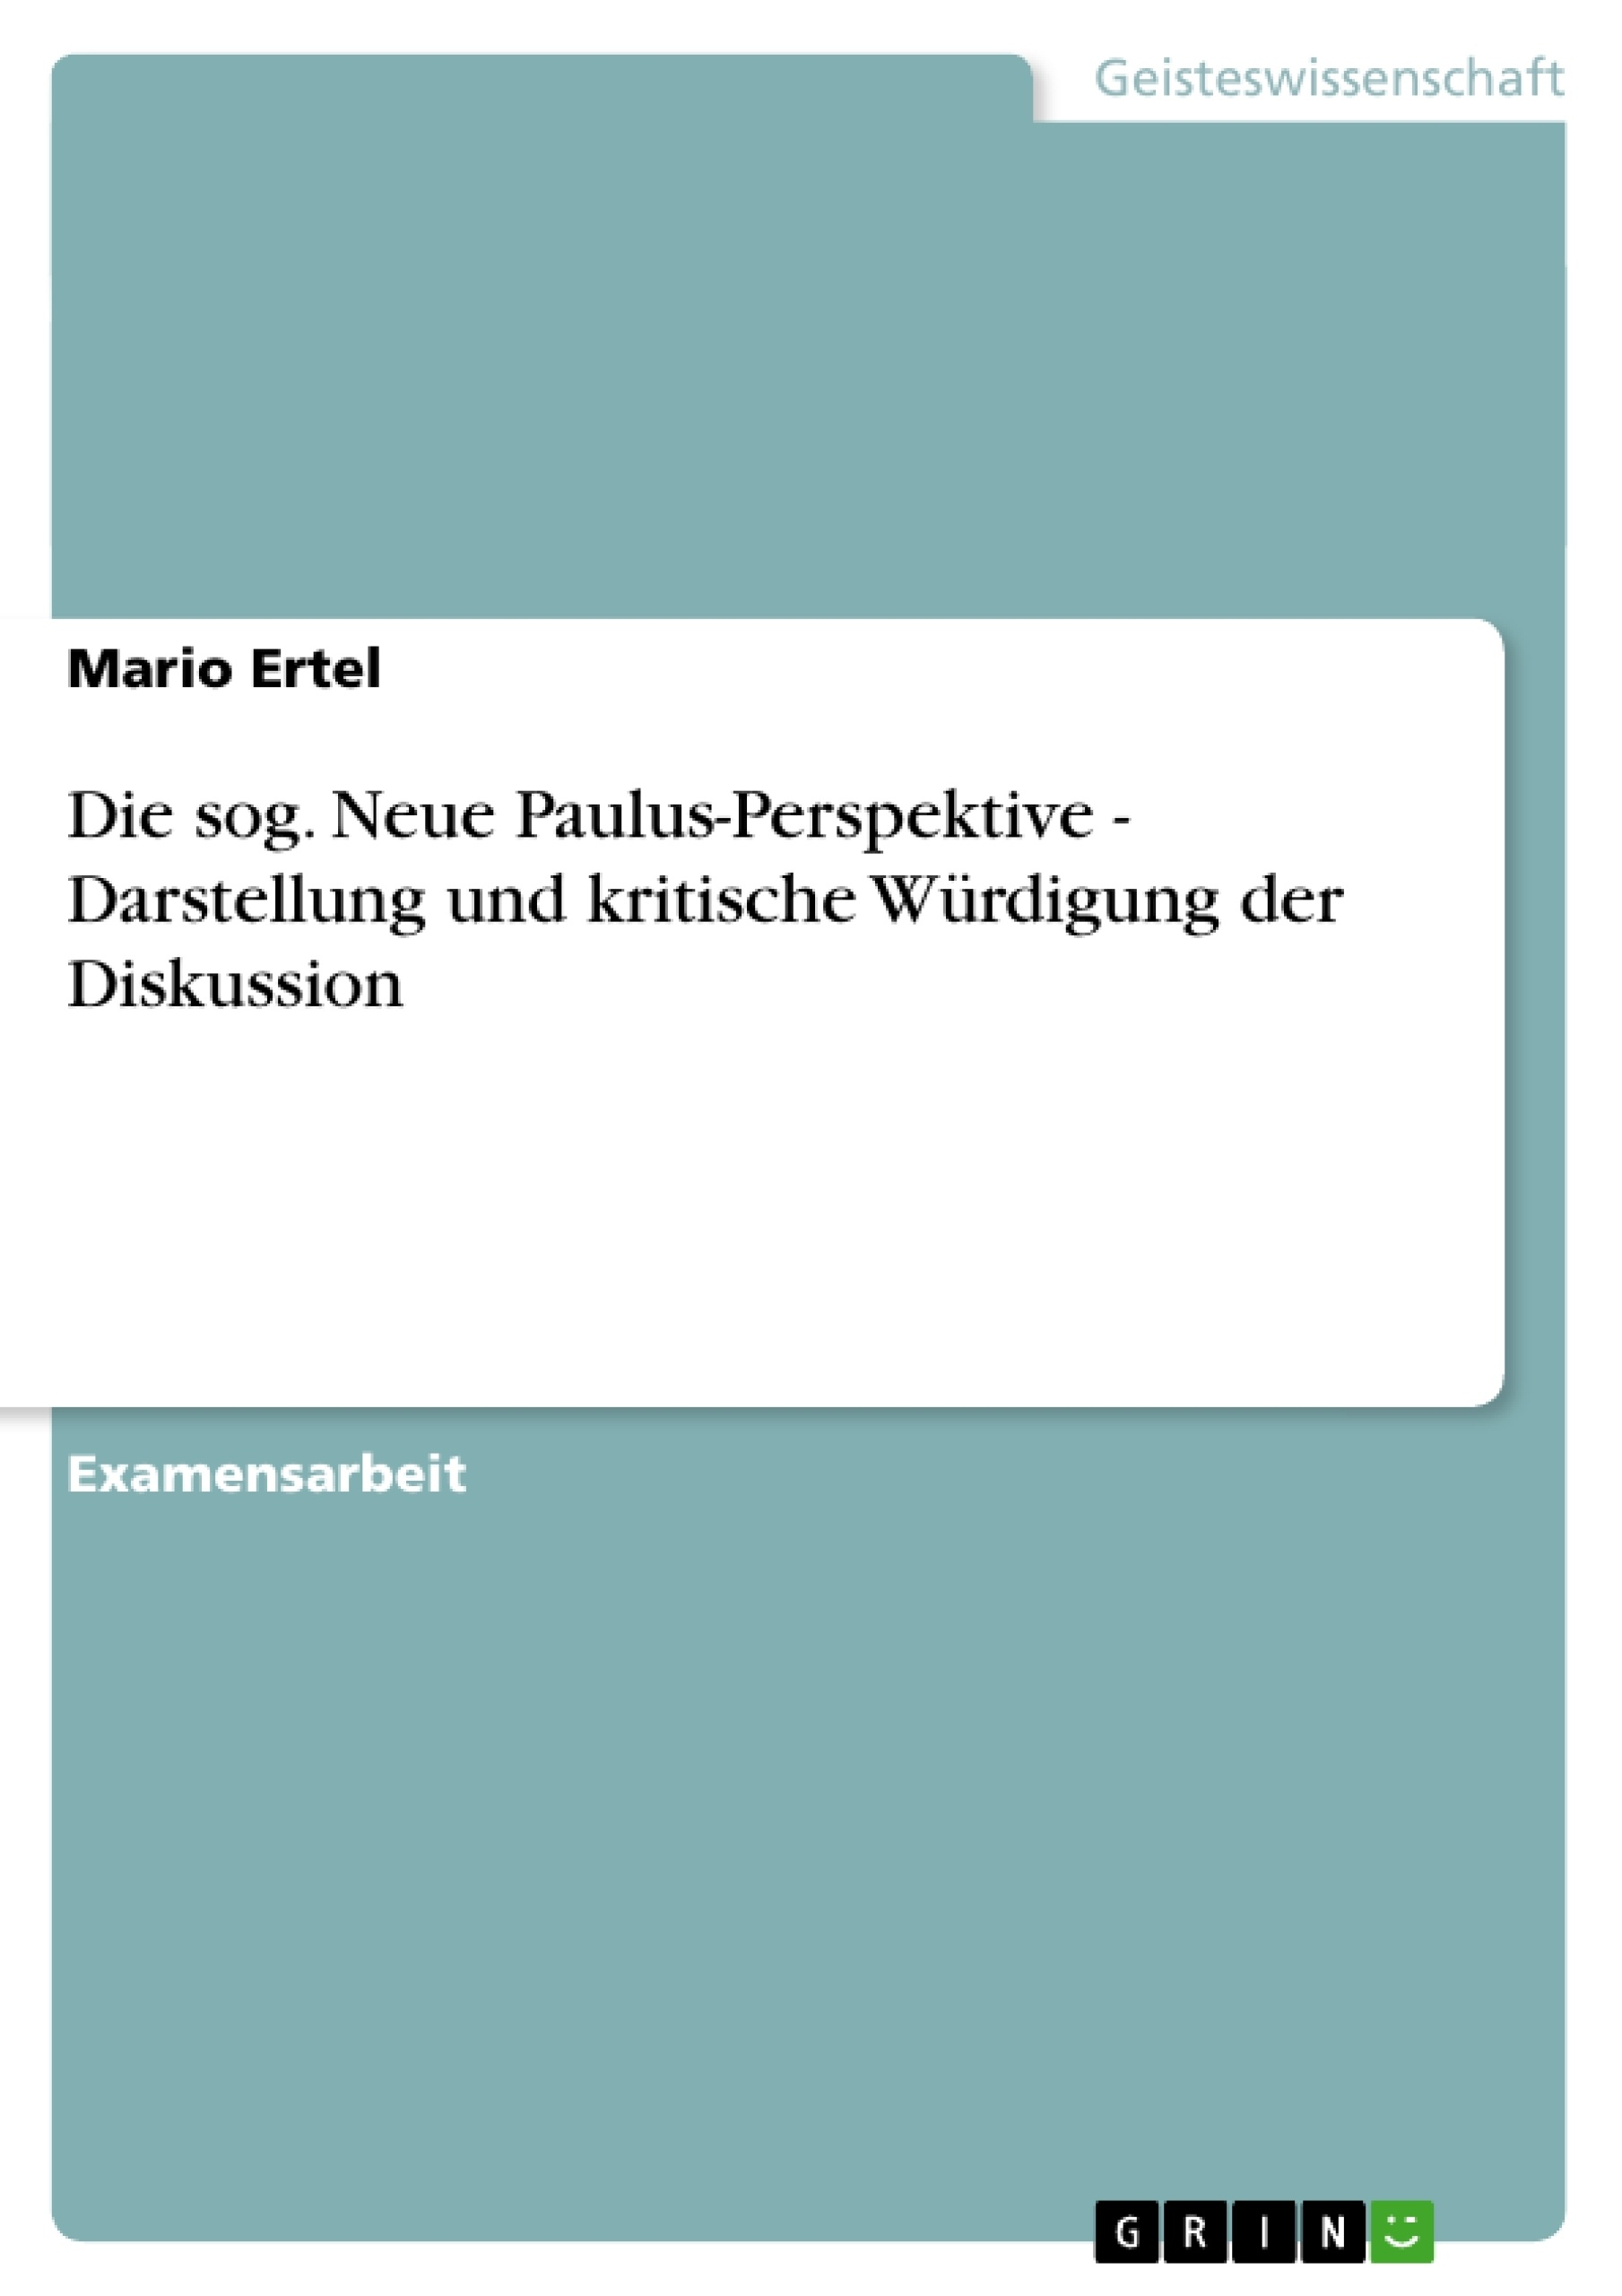 Titel: Die sog. Neue Paulus-Perspektive - Darstellung und kritische Würdigung der Diskussion